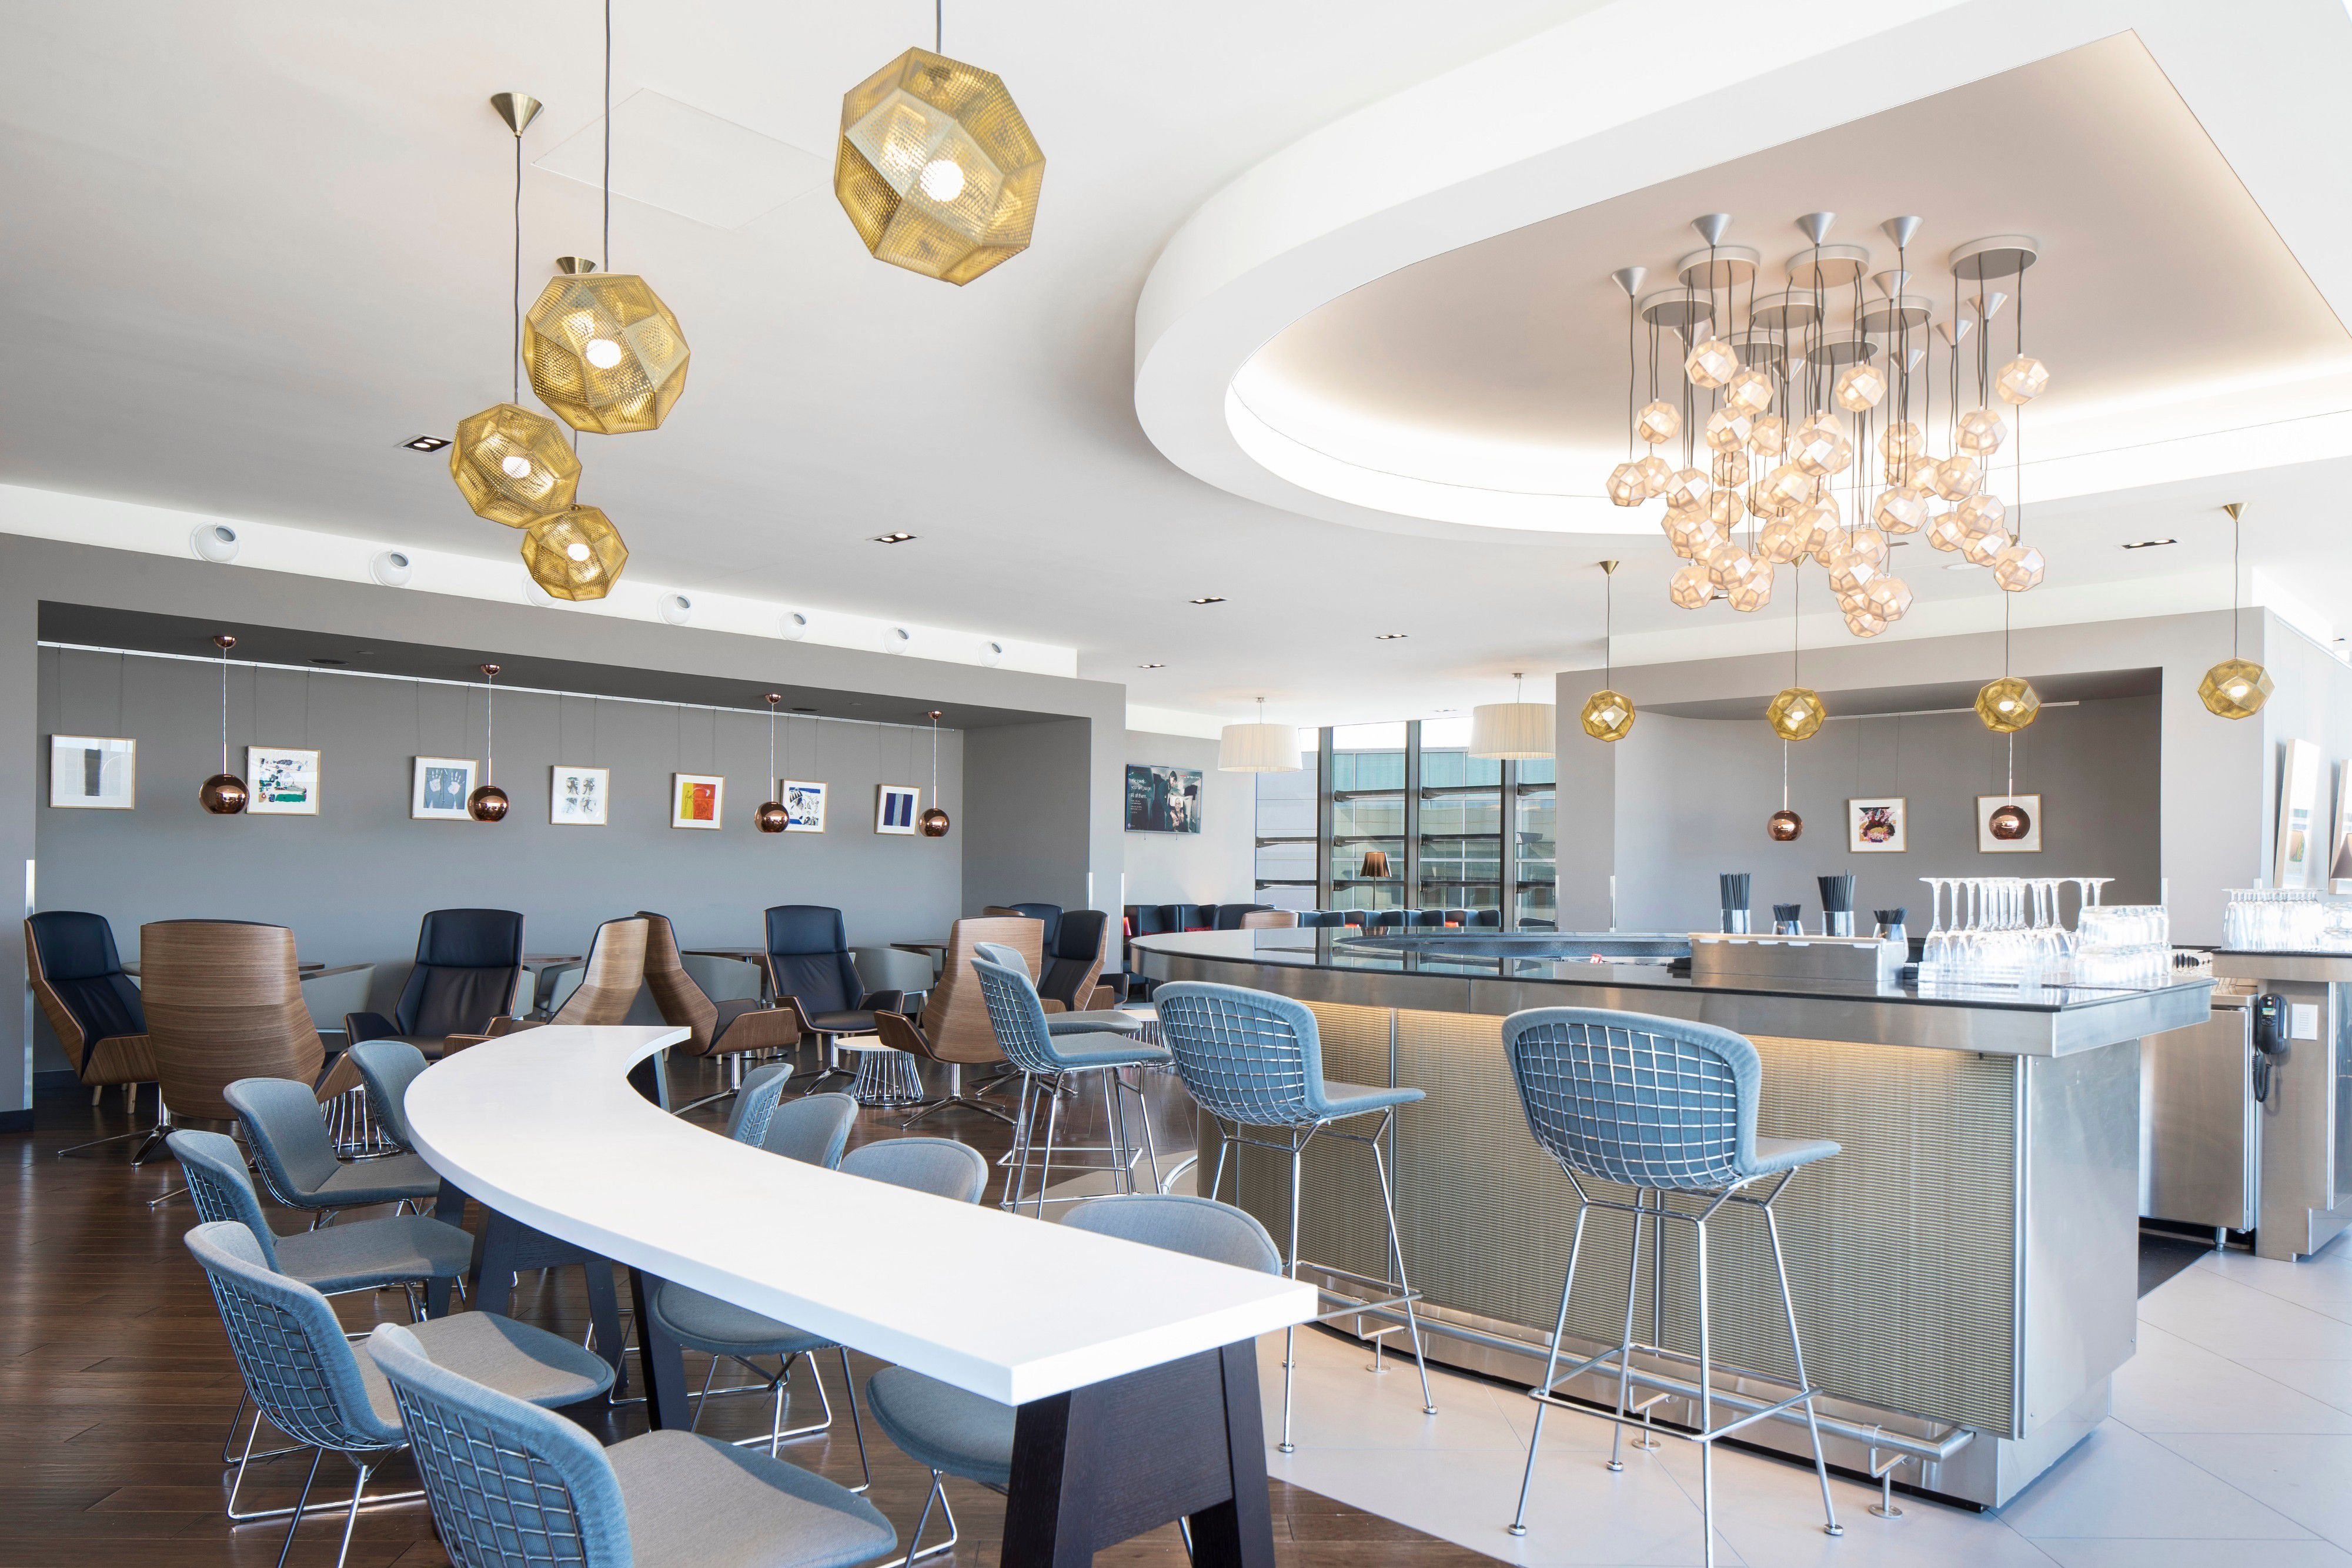 British Airways Lounge 2